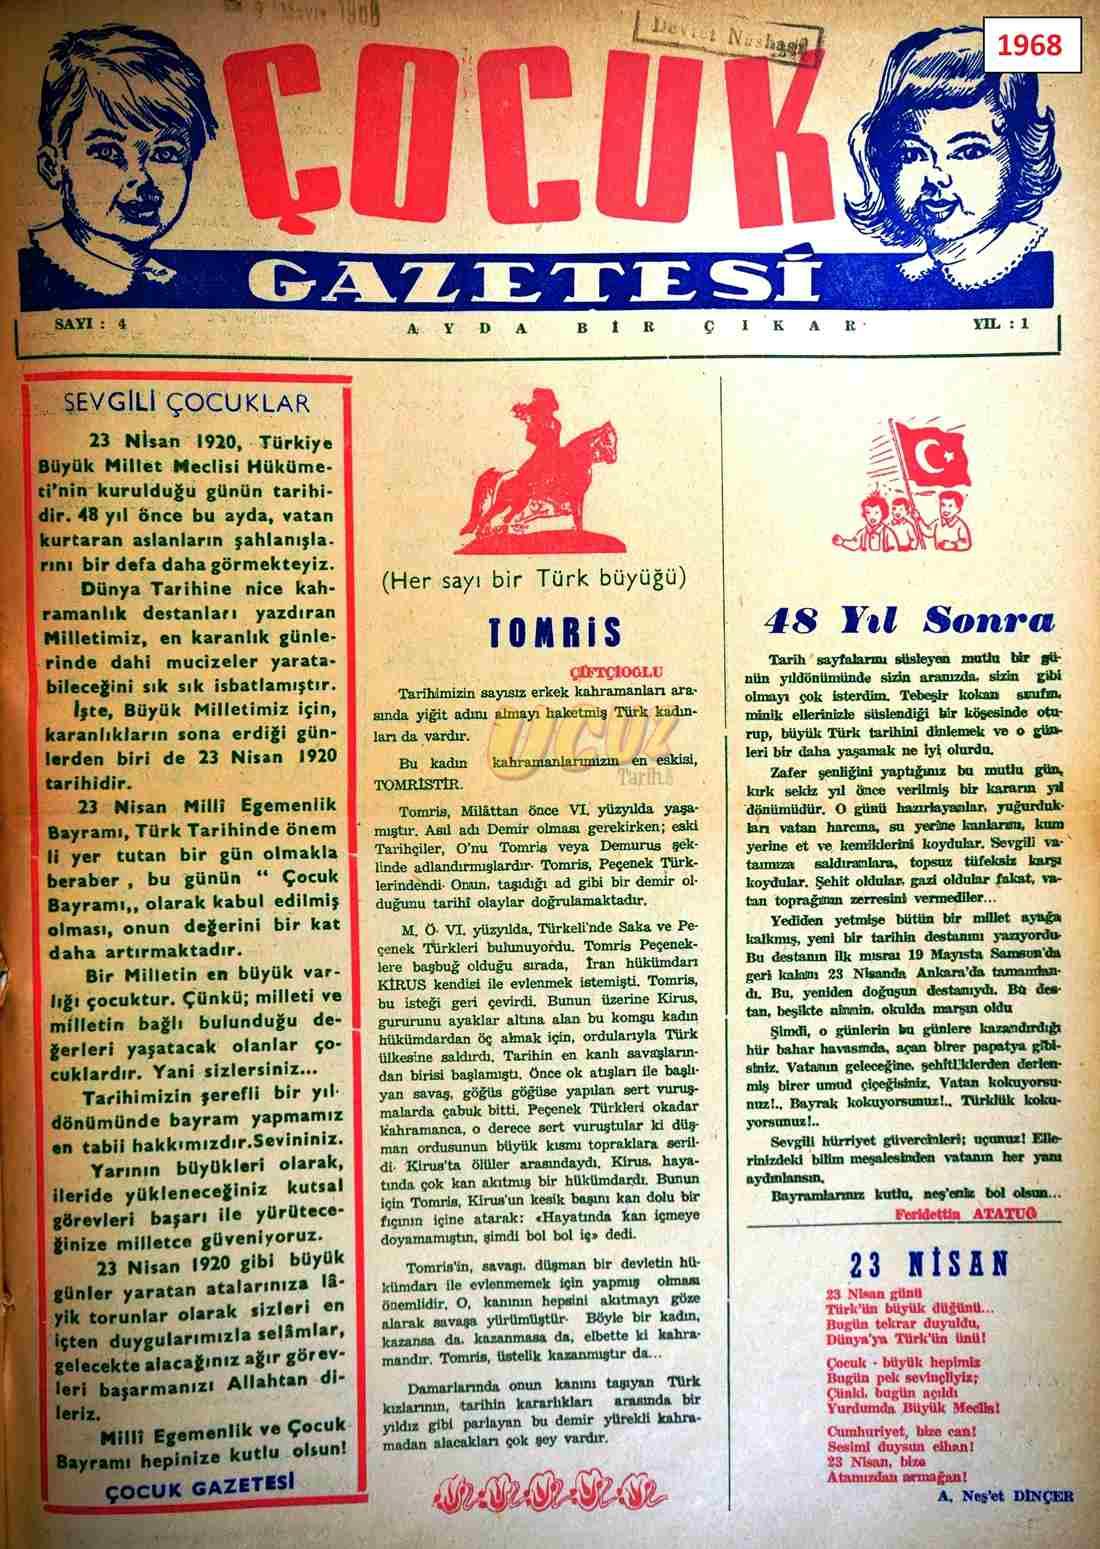 1968 çocuk gazetesi 1